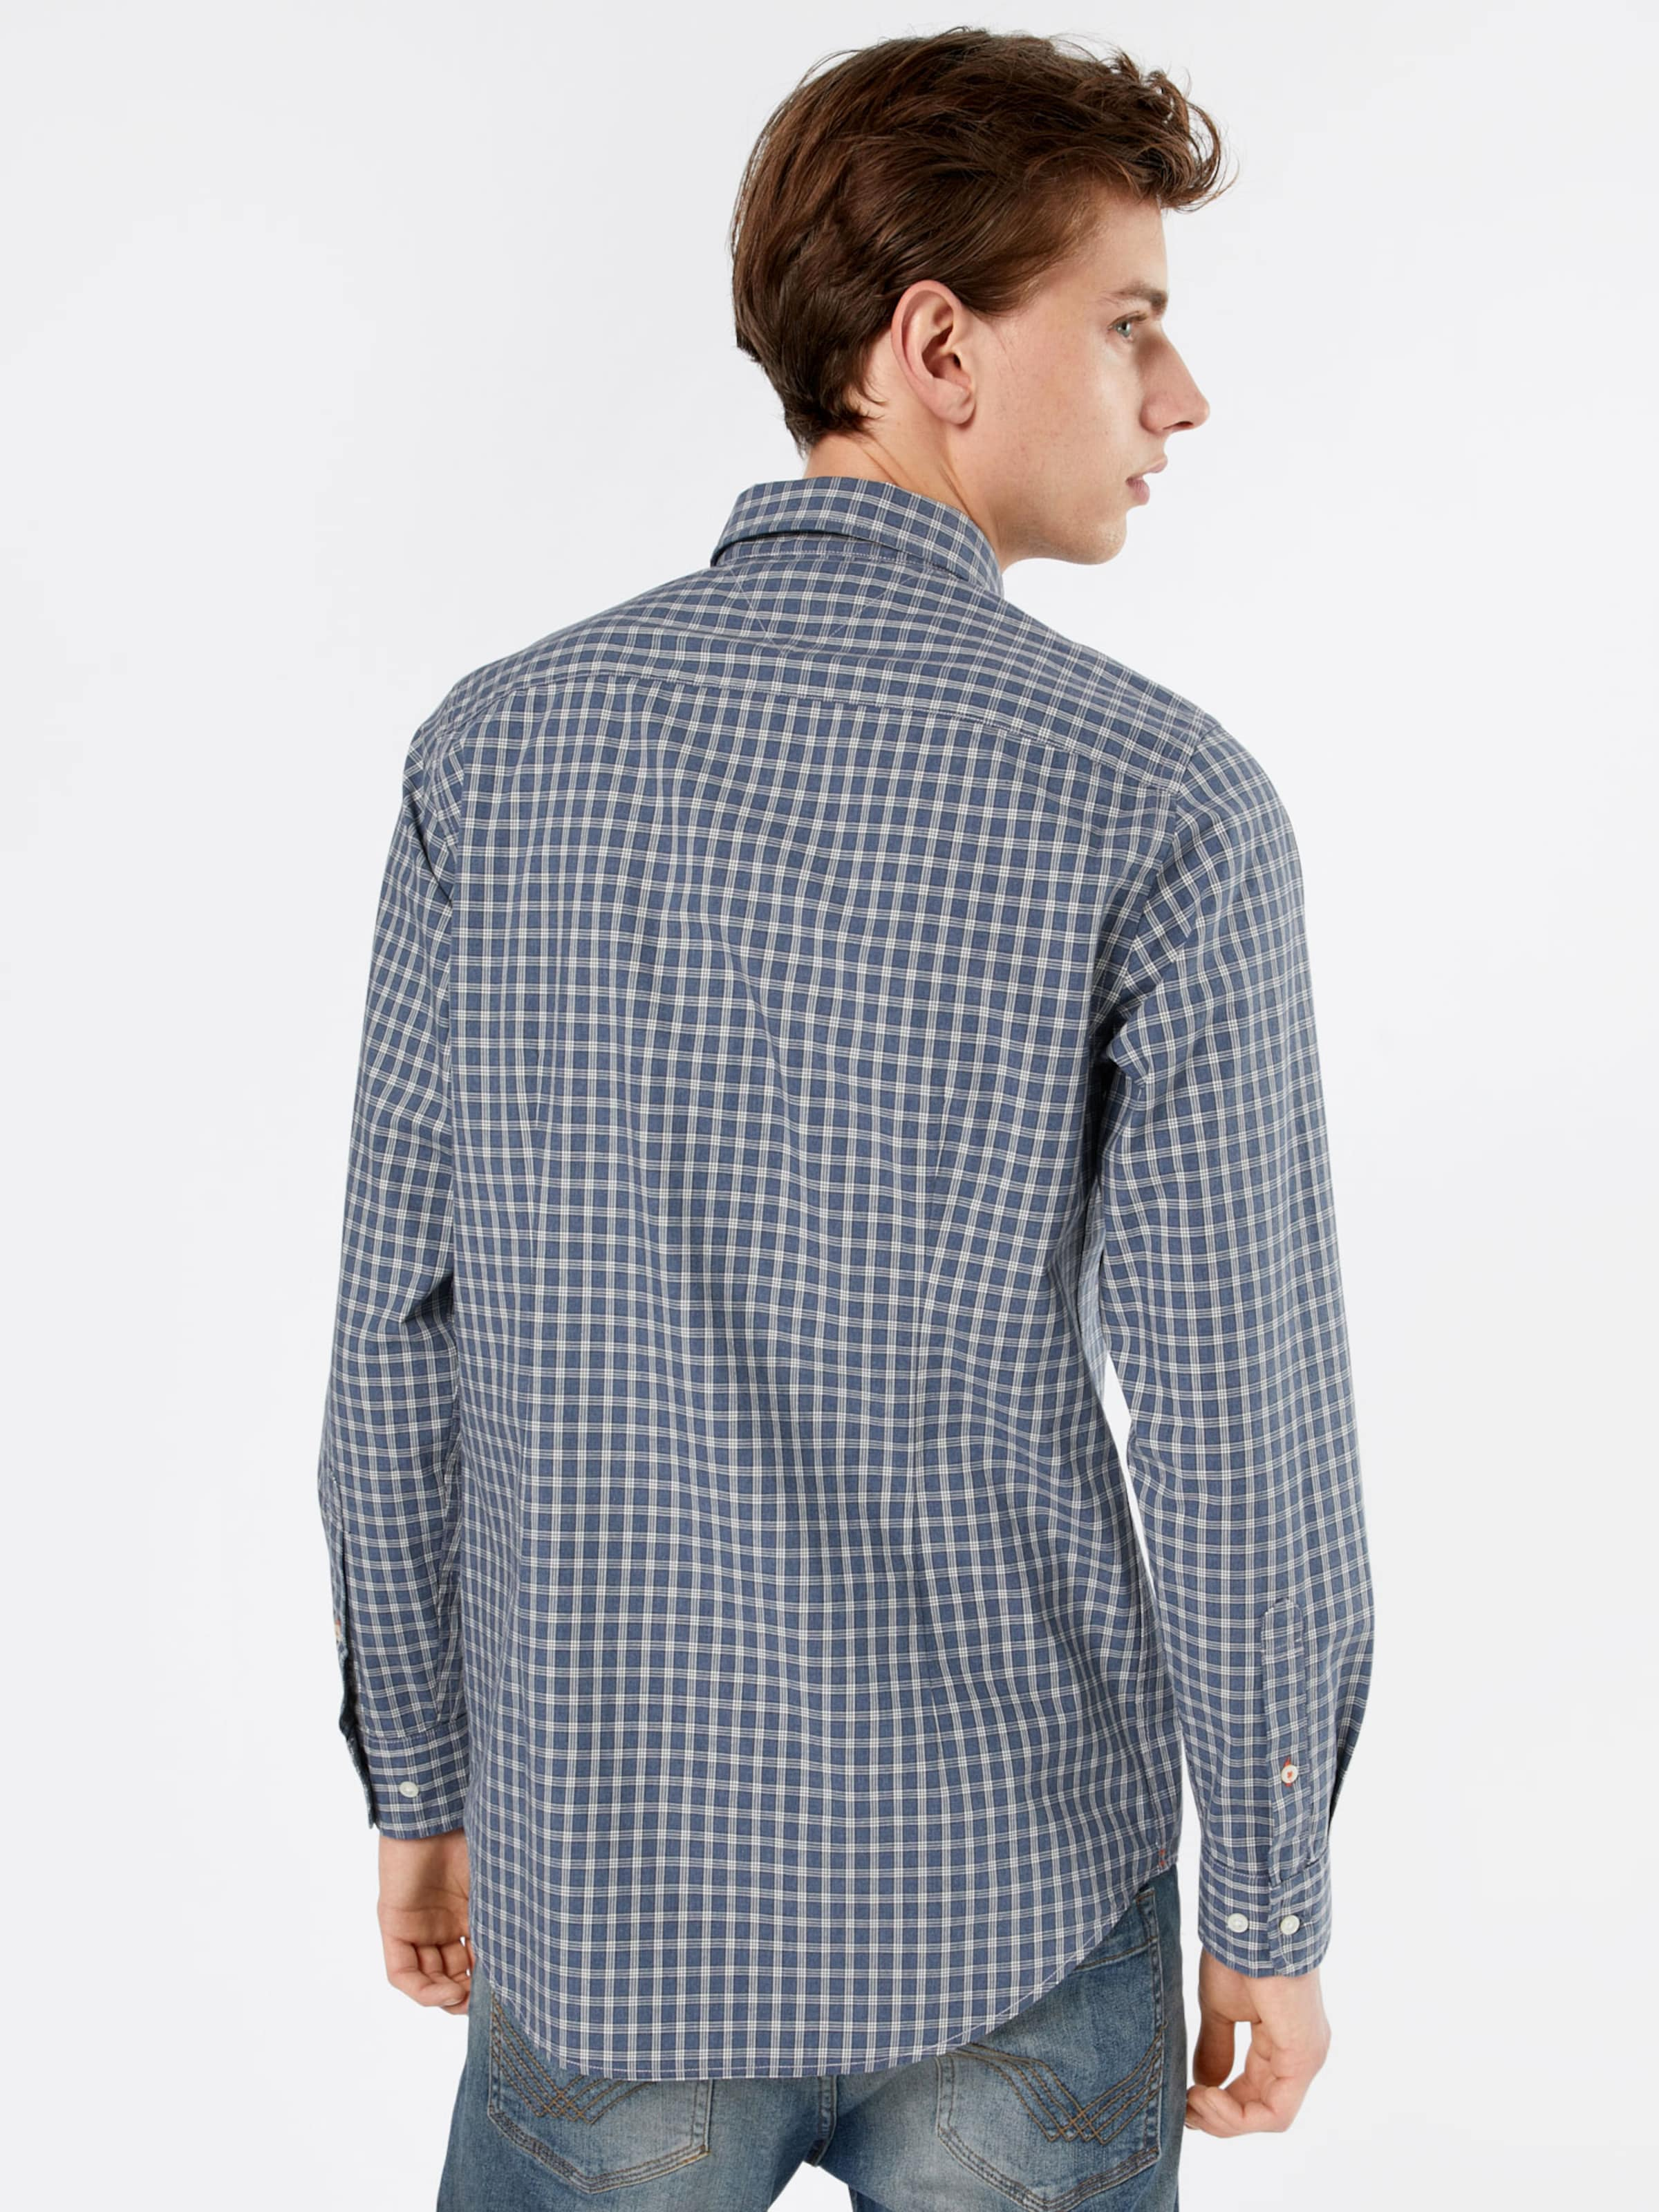 TOMMY HILFIGER Hemd 'DARREN' Billige Fälschung Günstig Kaufen Angebot Klassisch Billig Verkauf Ausgezeichnet rwn3nIw7O